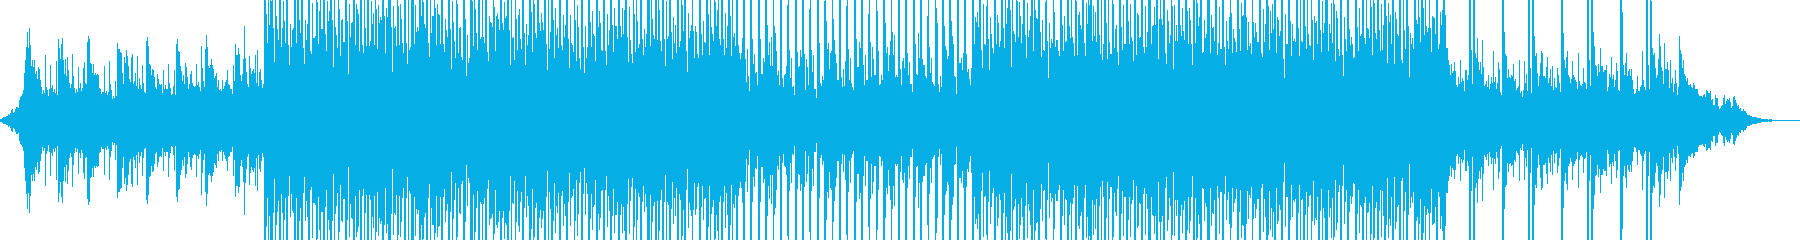 トロピカルハウス 企業系 爽やかの再生済みの波形